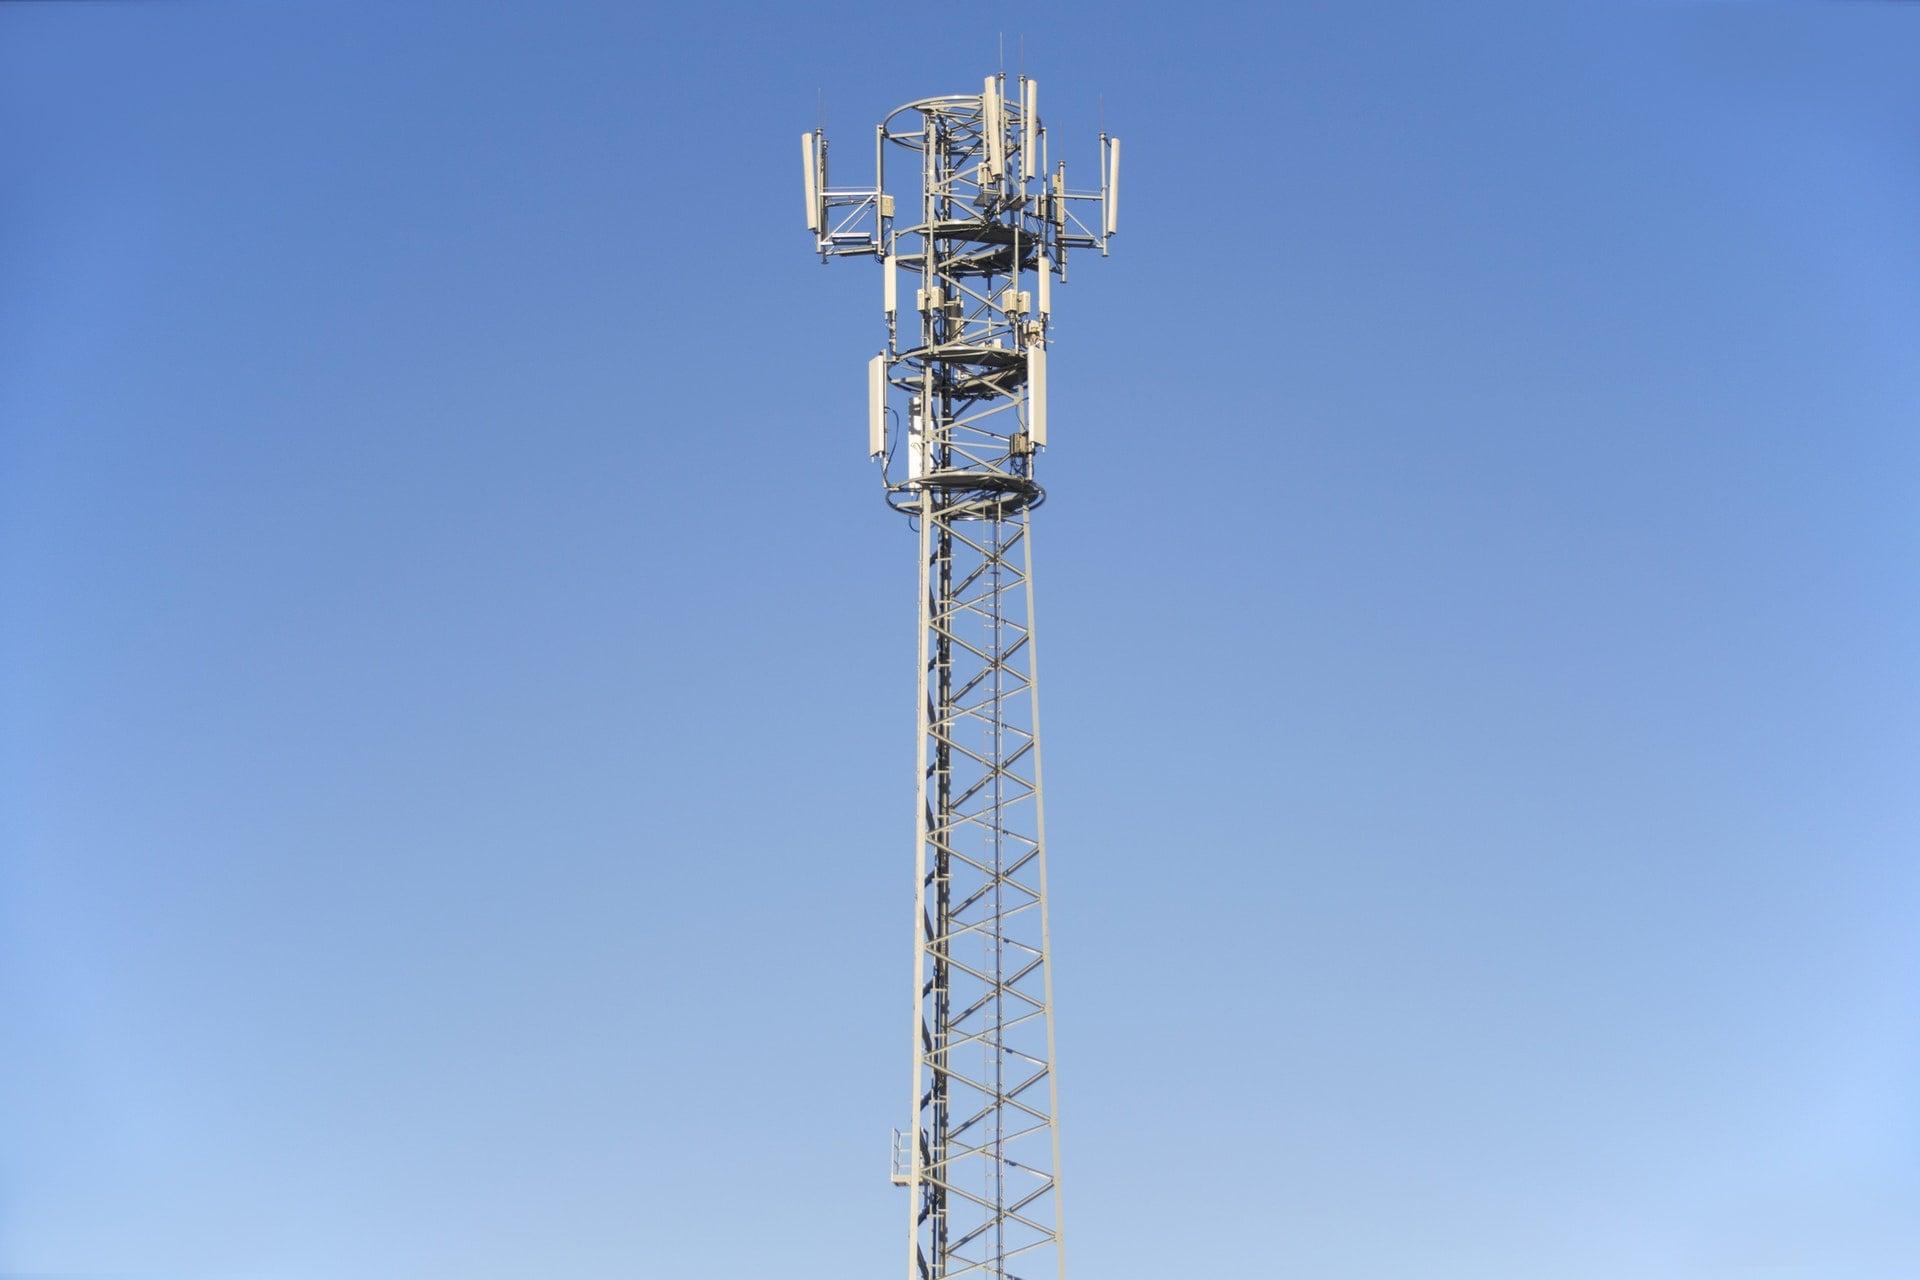 Operatorzy w Polsce mogą zapłacić miliard złotych za dostęp do sieci 5G 17